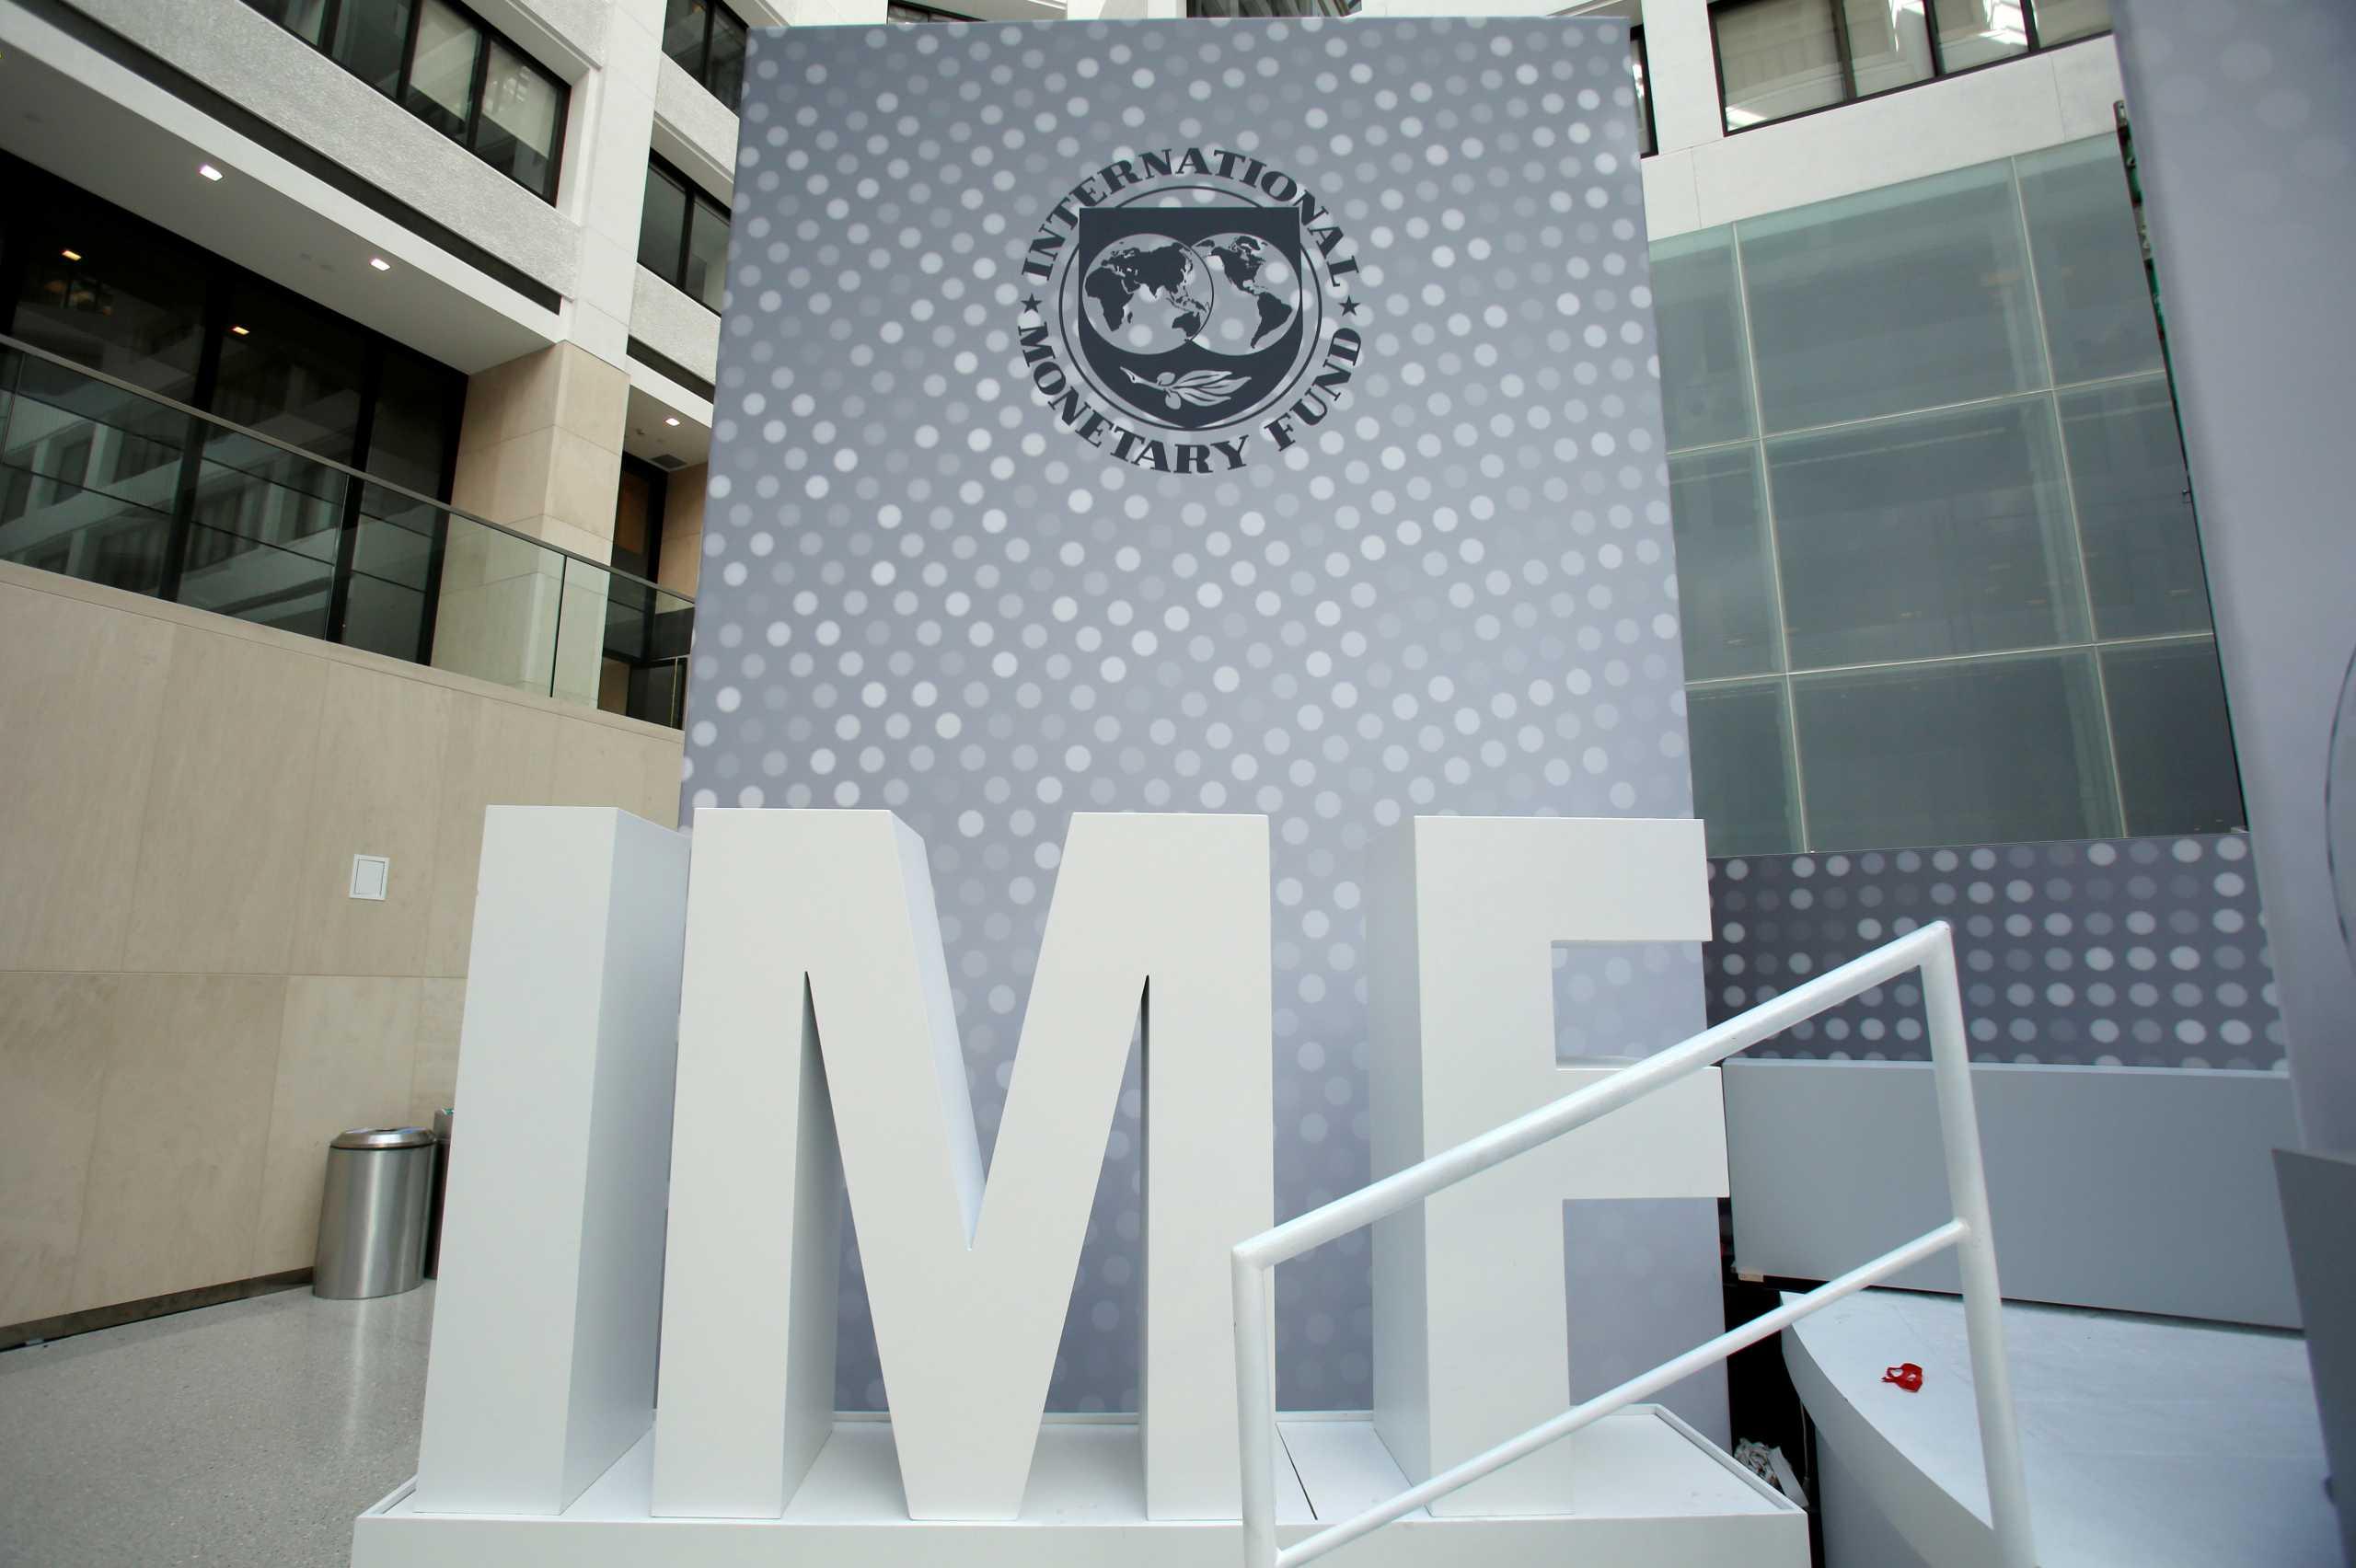 ΔΝΤ: «Βλέπει» μείωση του δημοσίου χρέους από φέτος και πρωτογενή πλεονάσματα από το 2023